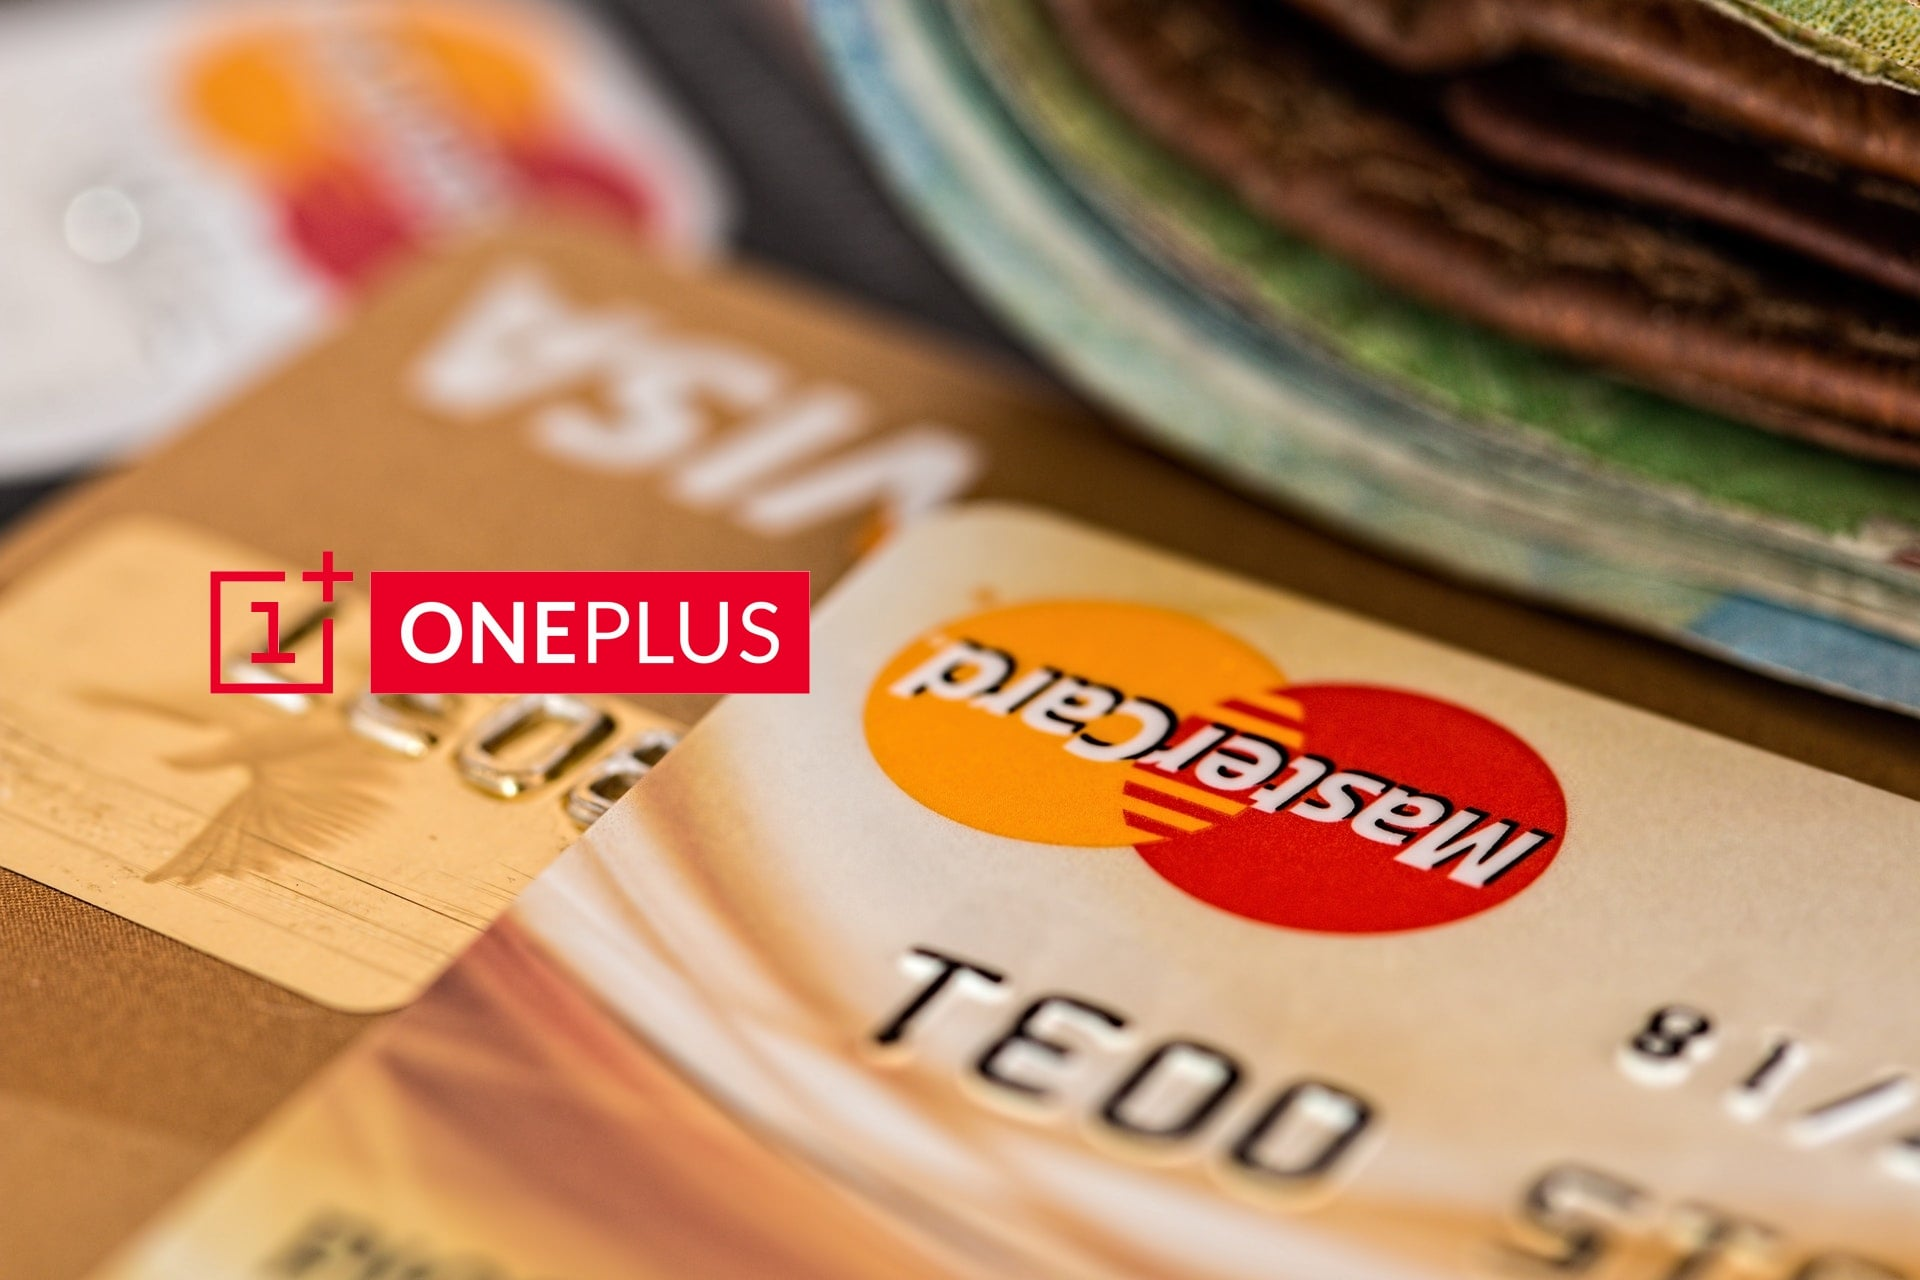 Tabletowo.pl Kupowałeś coś w sklepie OnePlus i płaciłeś kartą? Sprawdź, czy ktoś nie chciał Ci jej wyczyścić ze środków Akcesoria OnePlus Smartfony